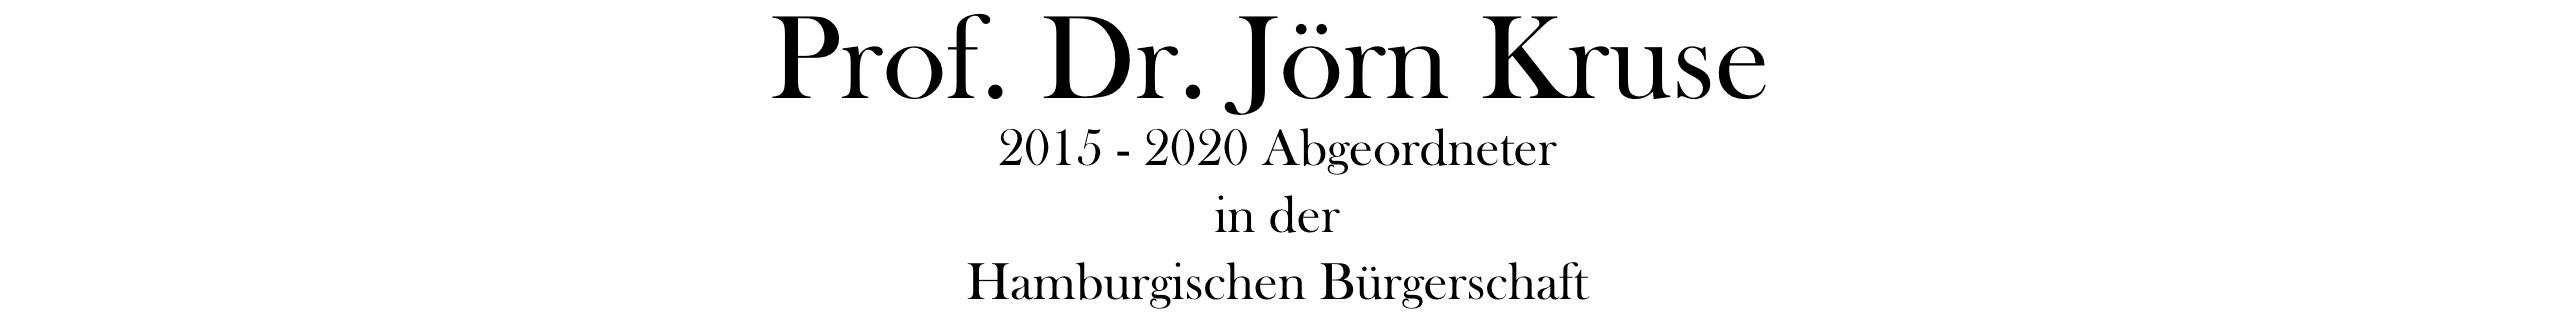 Prof. Jörn Kruse